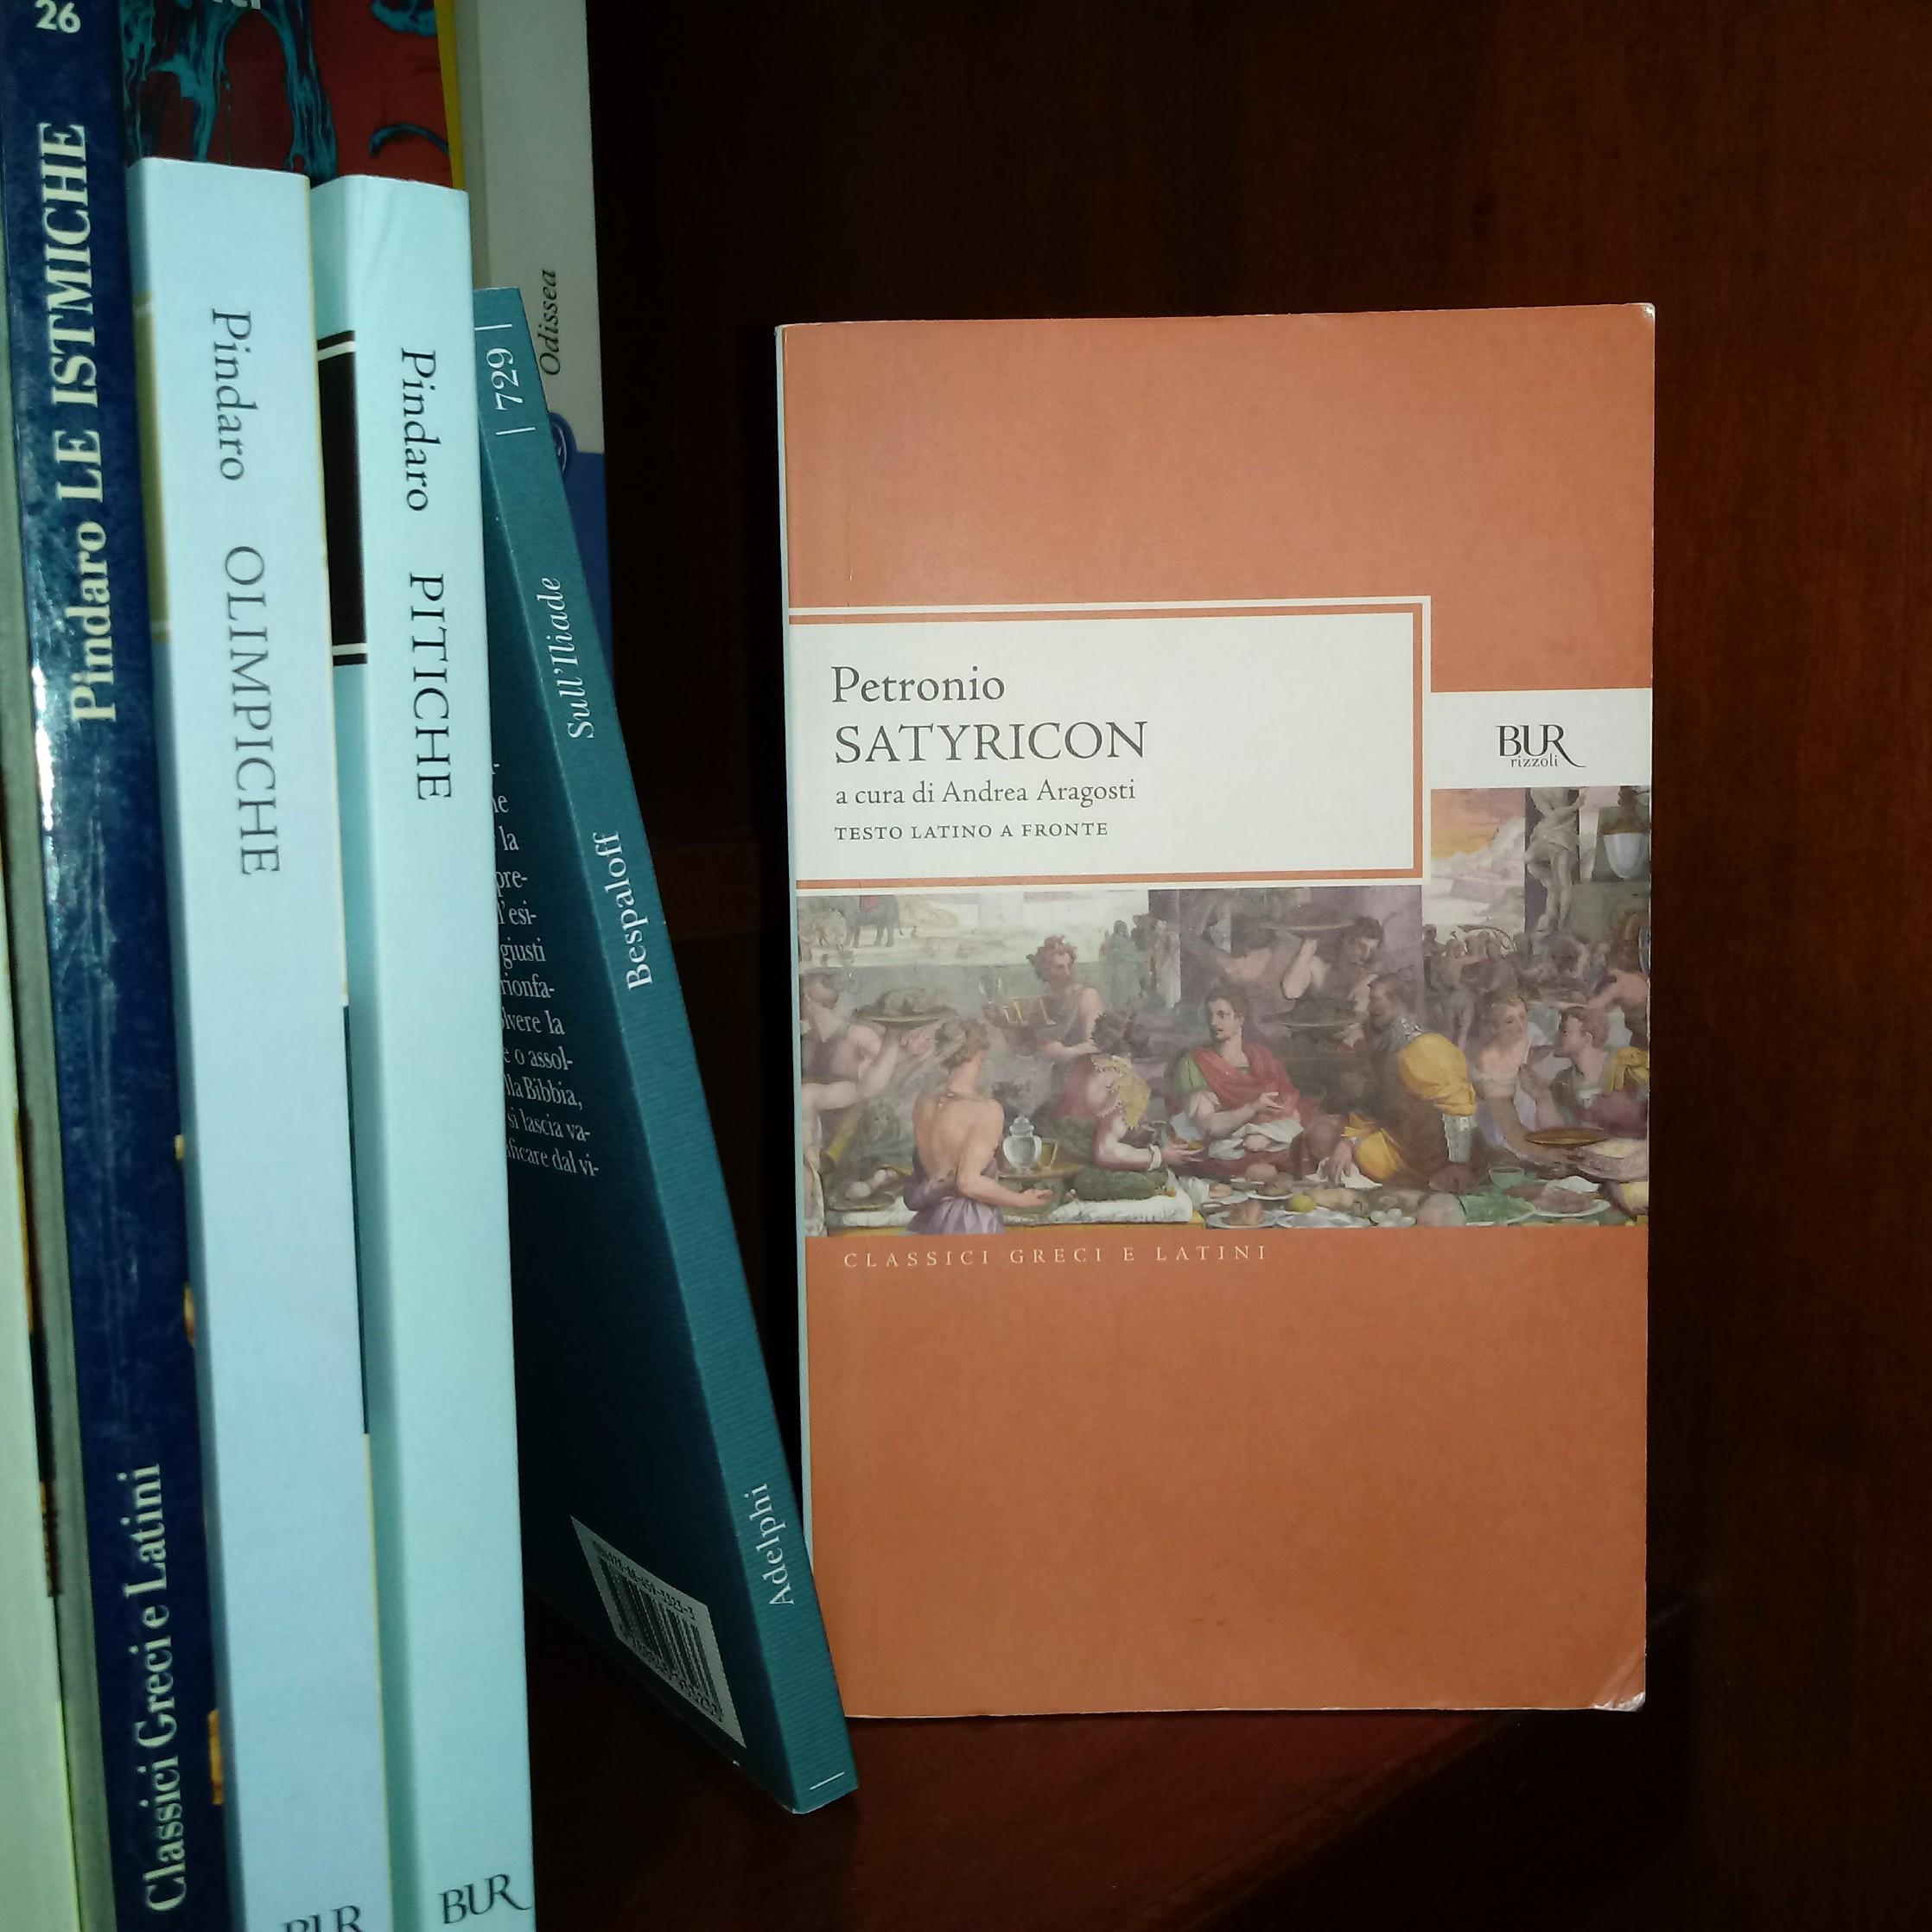 Petronio - Satyricon